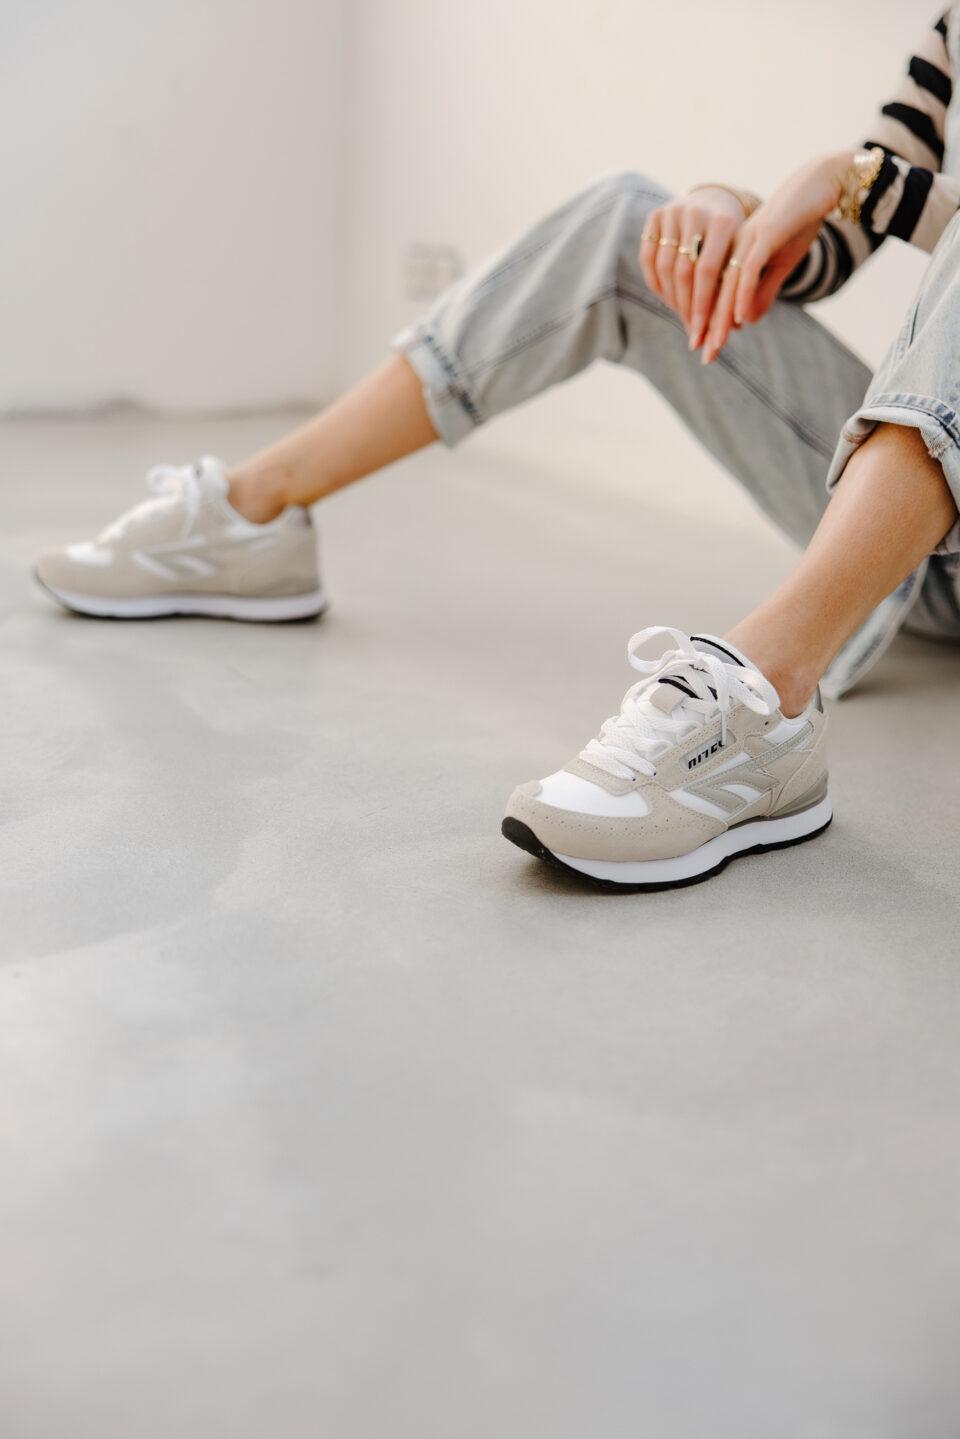 hi-tec sneakers op een betonvloer